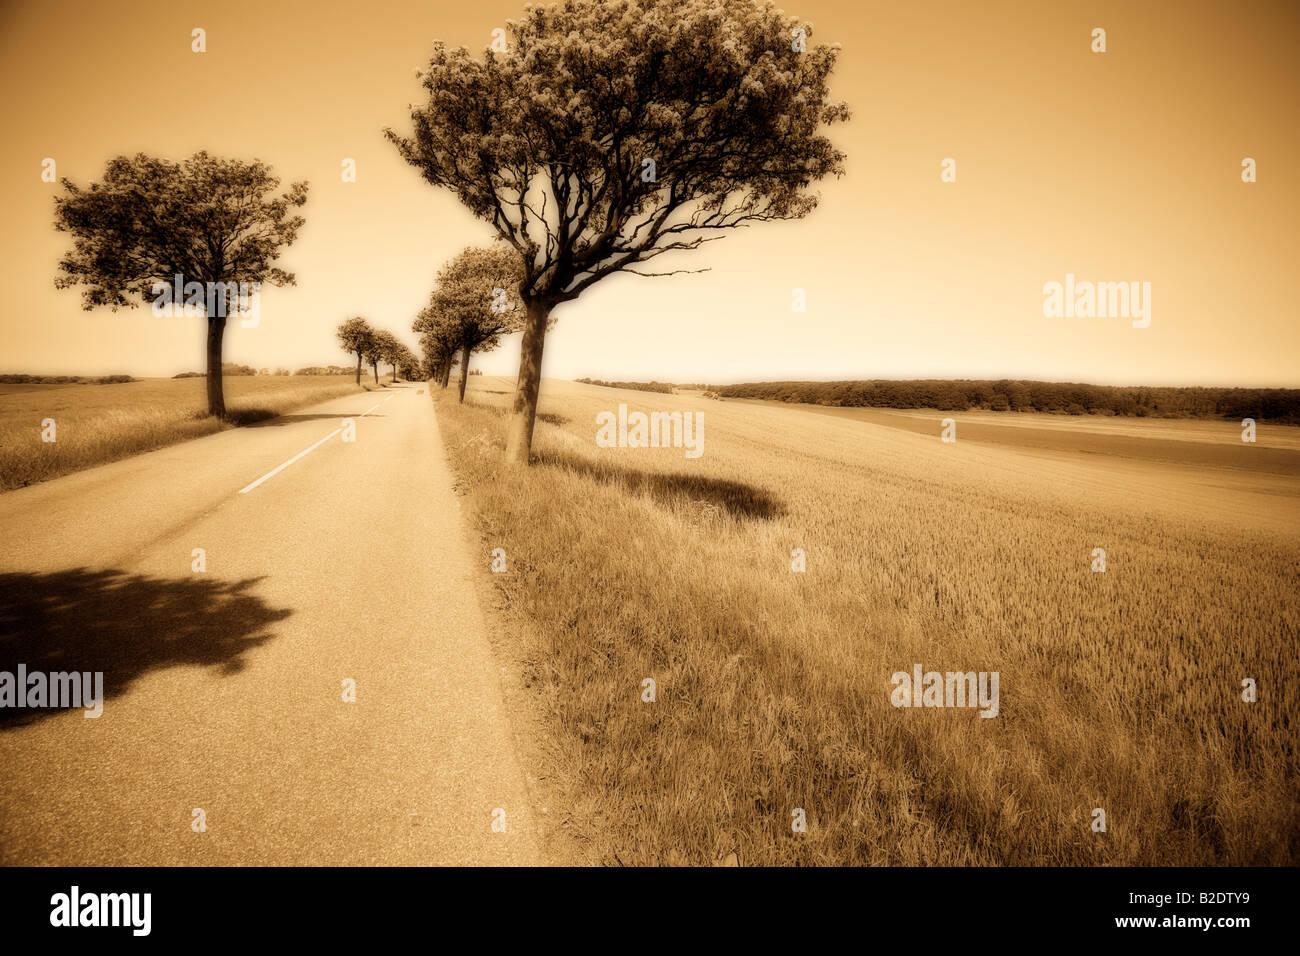 Route bordée d'arbres avec jeu d'Orton monochrome: une route droite avec un centre blanc et bordé d'arbres à floraison printanière Banque D'Images